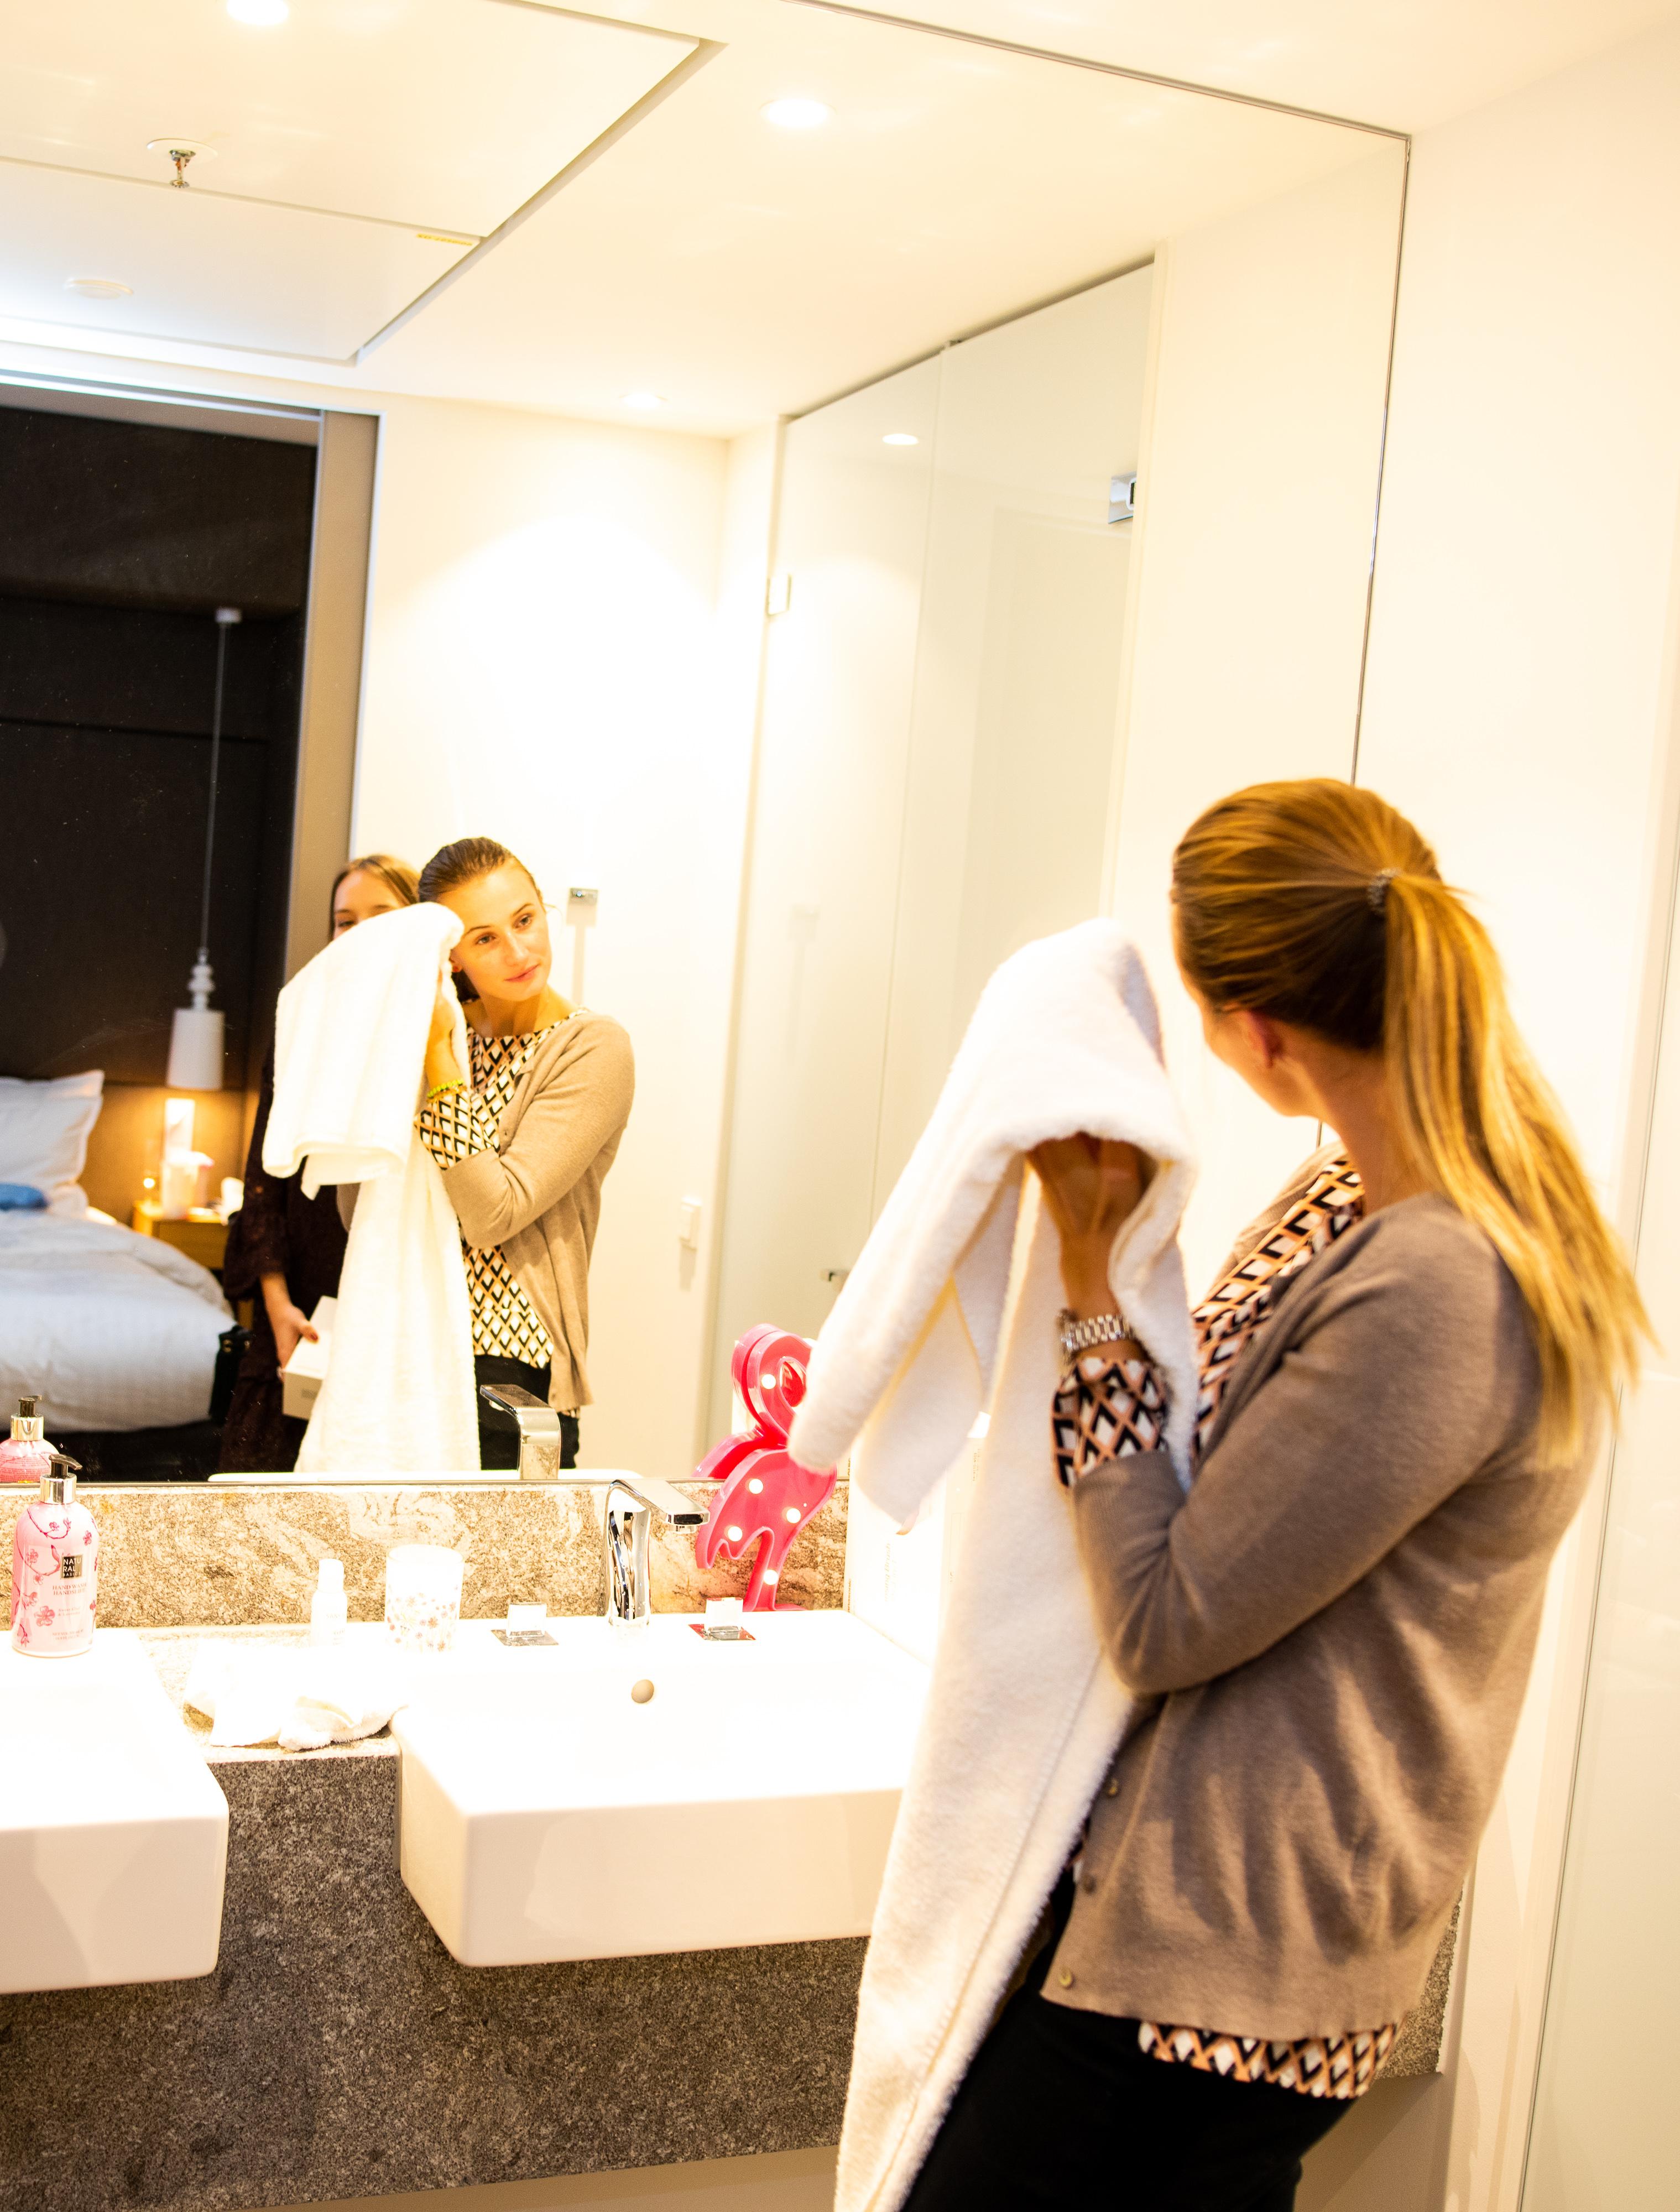 Frühlingshafte Beauty Highlights auf der Fashiondeluxxe Beauty Night - Edition Spring Mood im Steigenberger Hotel München, Abschminken, um die Kosmetik auszuprobieren